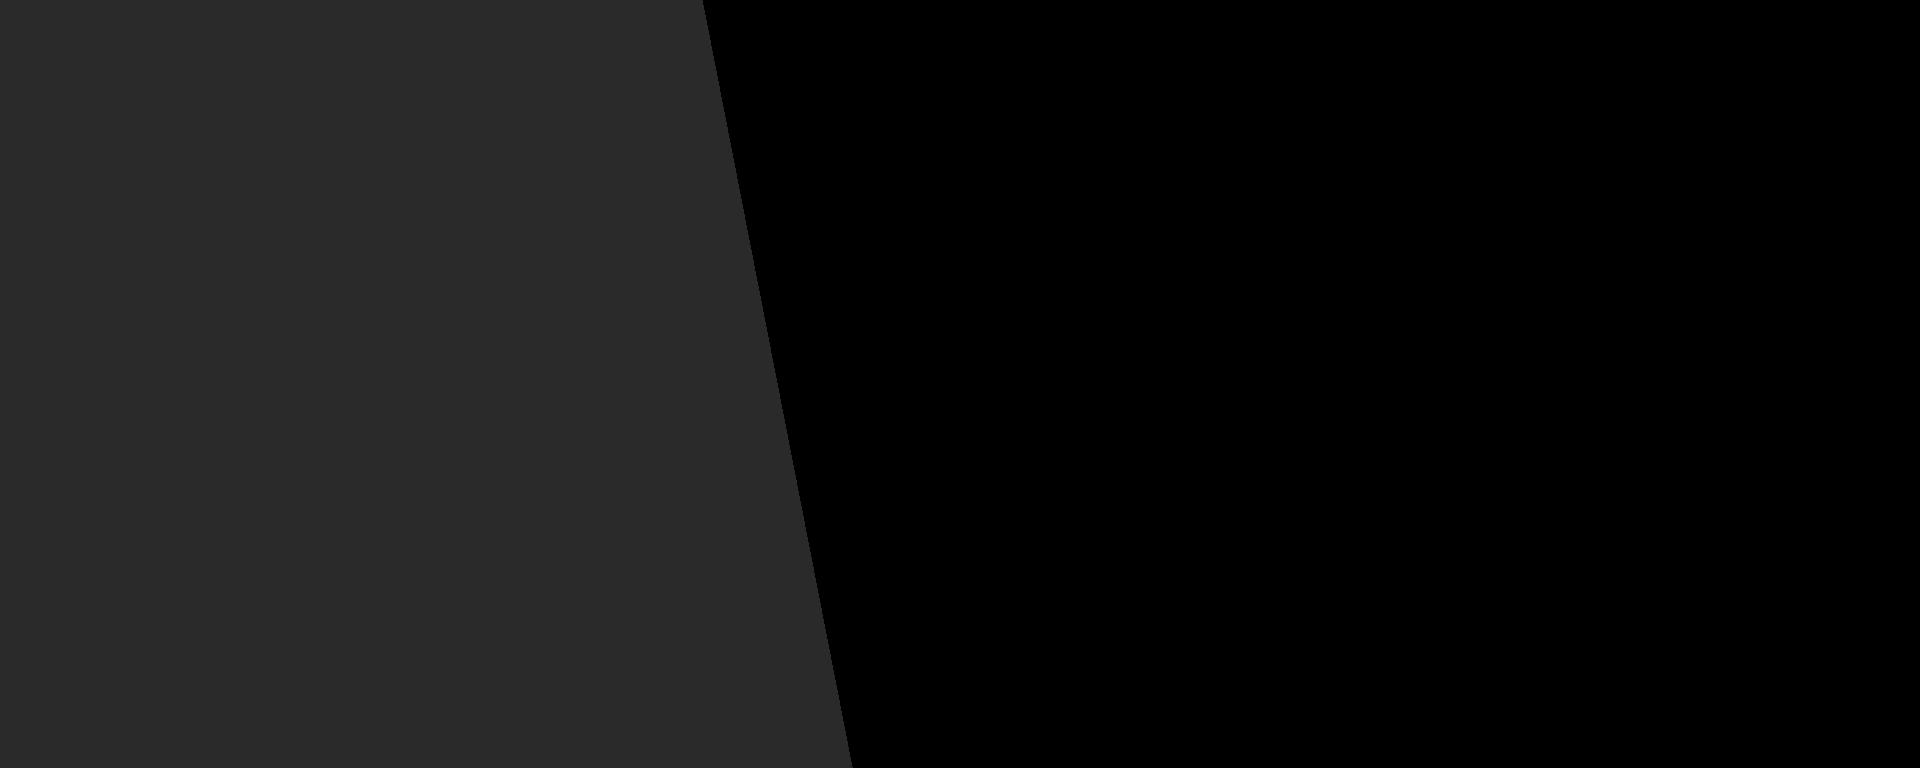 Slide Partition